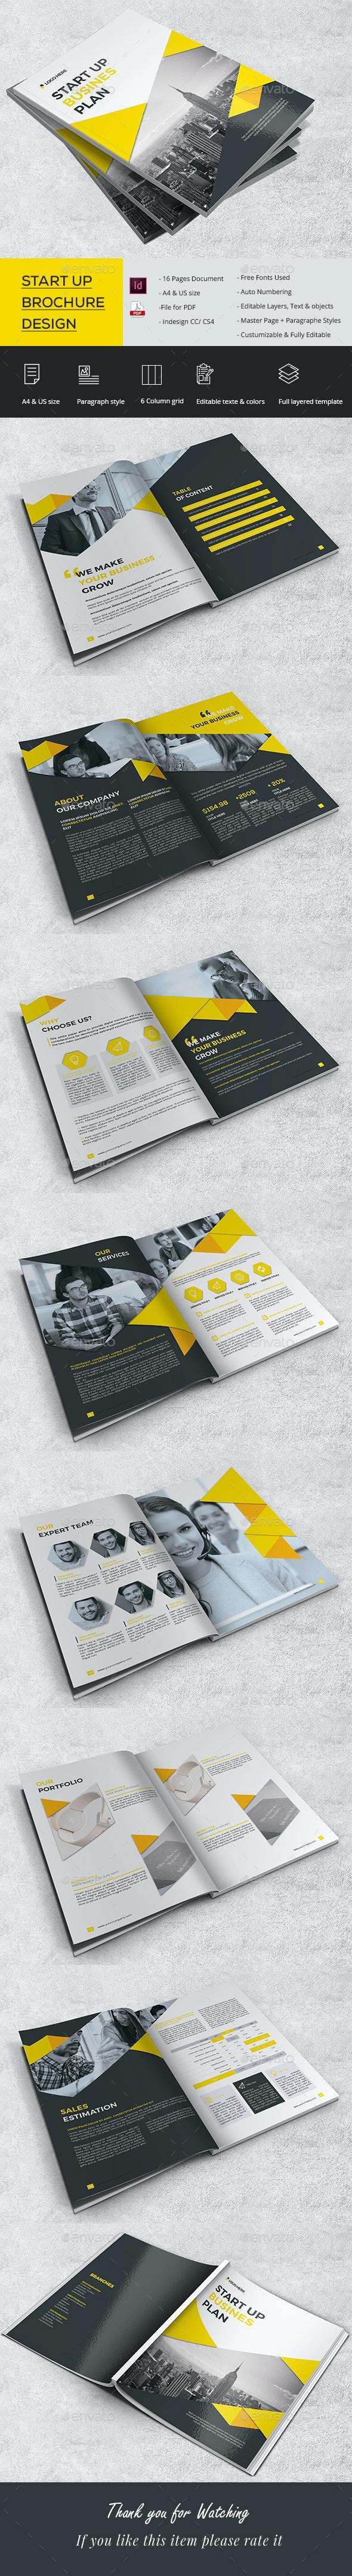 Startup Brochure - Corporate Brochures